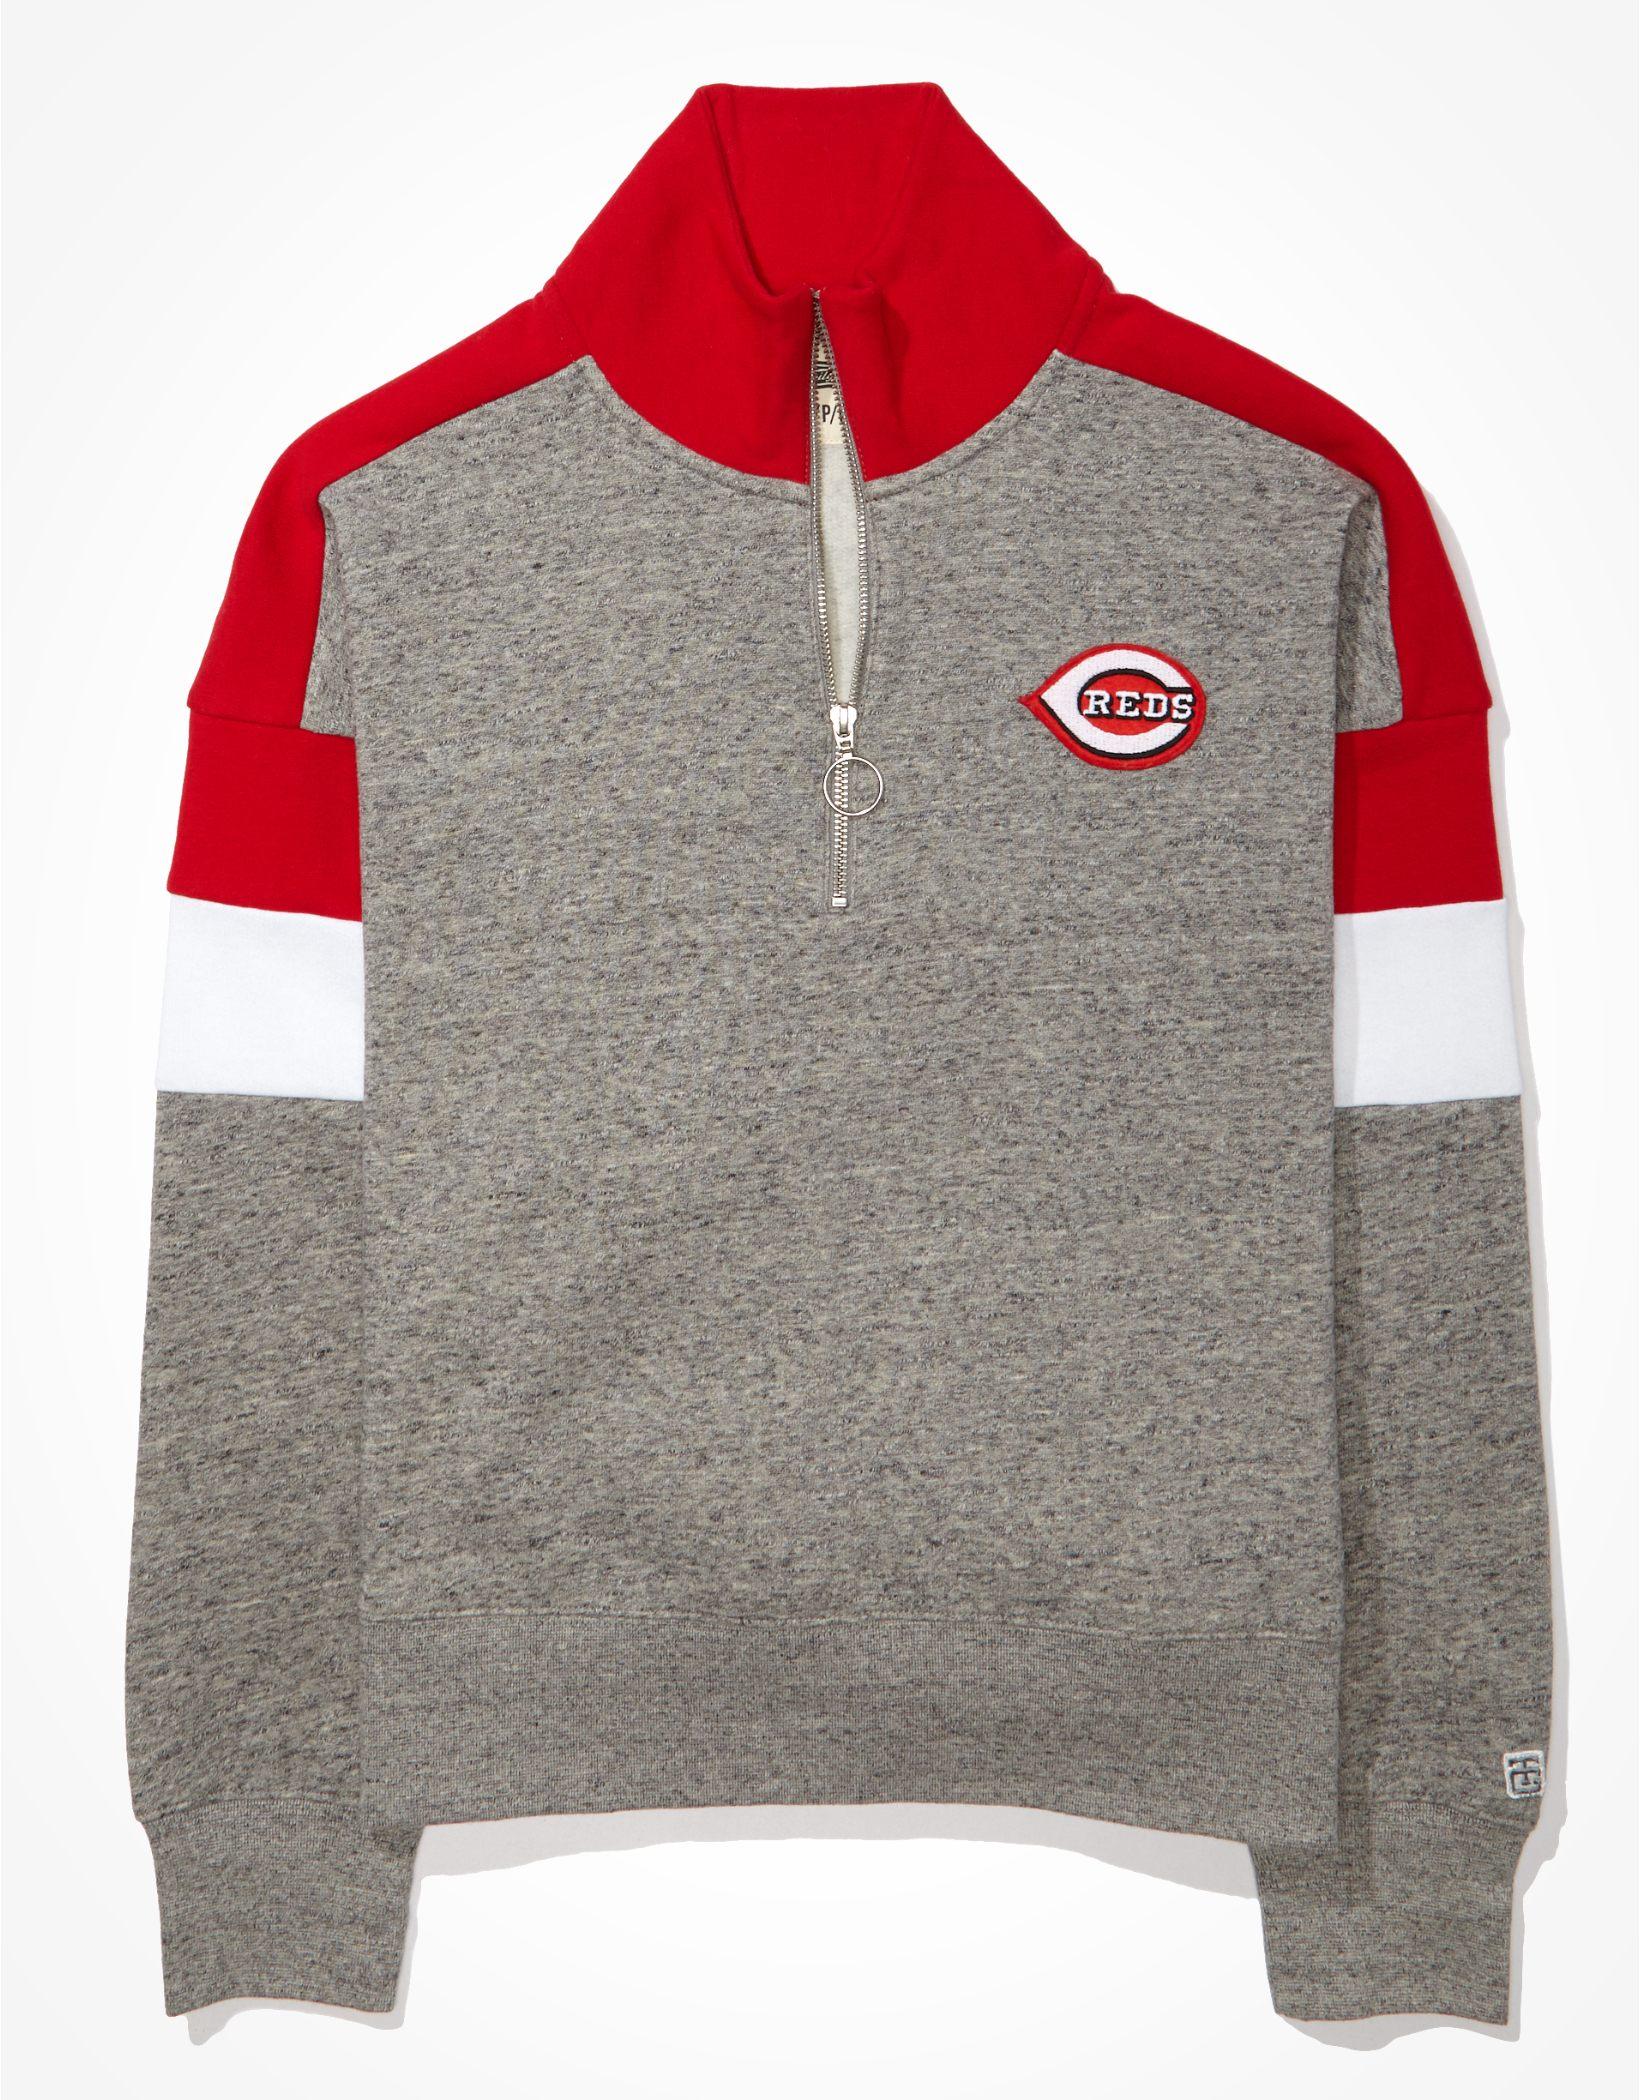 Tailgate Women's Cincinnati Reds Colorblock 1/4 Zip Sweatshirt